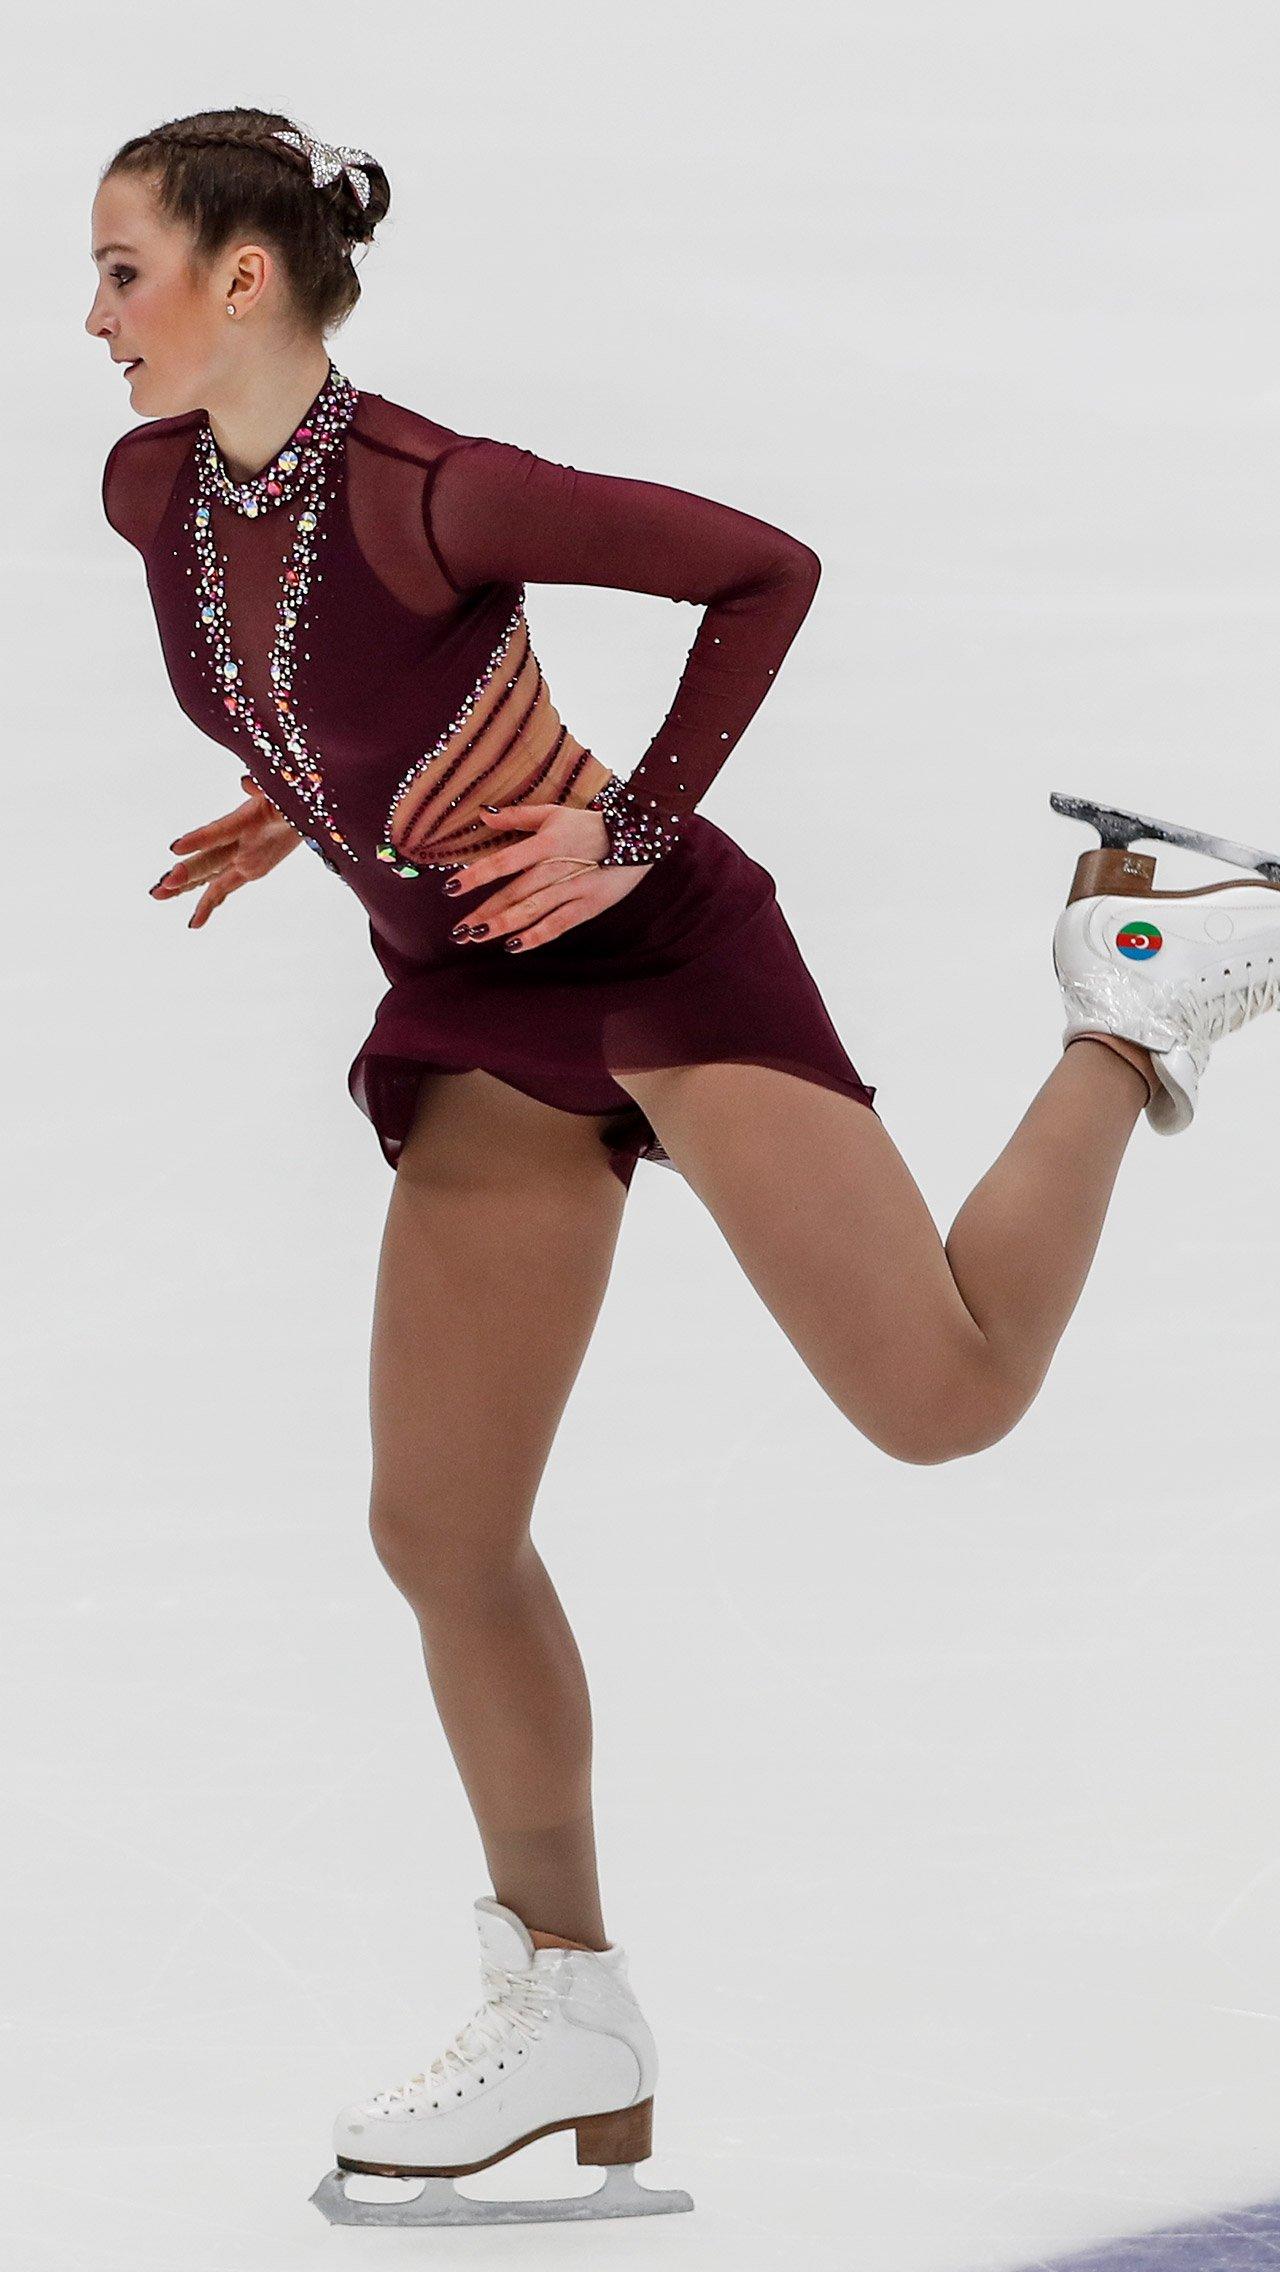 В минувшем сезоне из академии Плющенко ушла и представительница Азербайджана Екатерина Рябова. Девушку не устроили изменившиеся условия для тренировок.